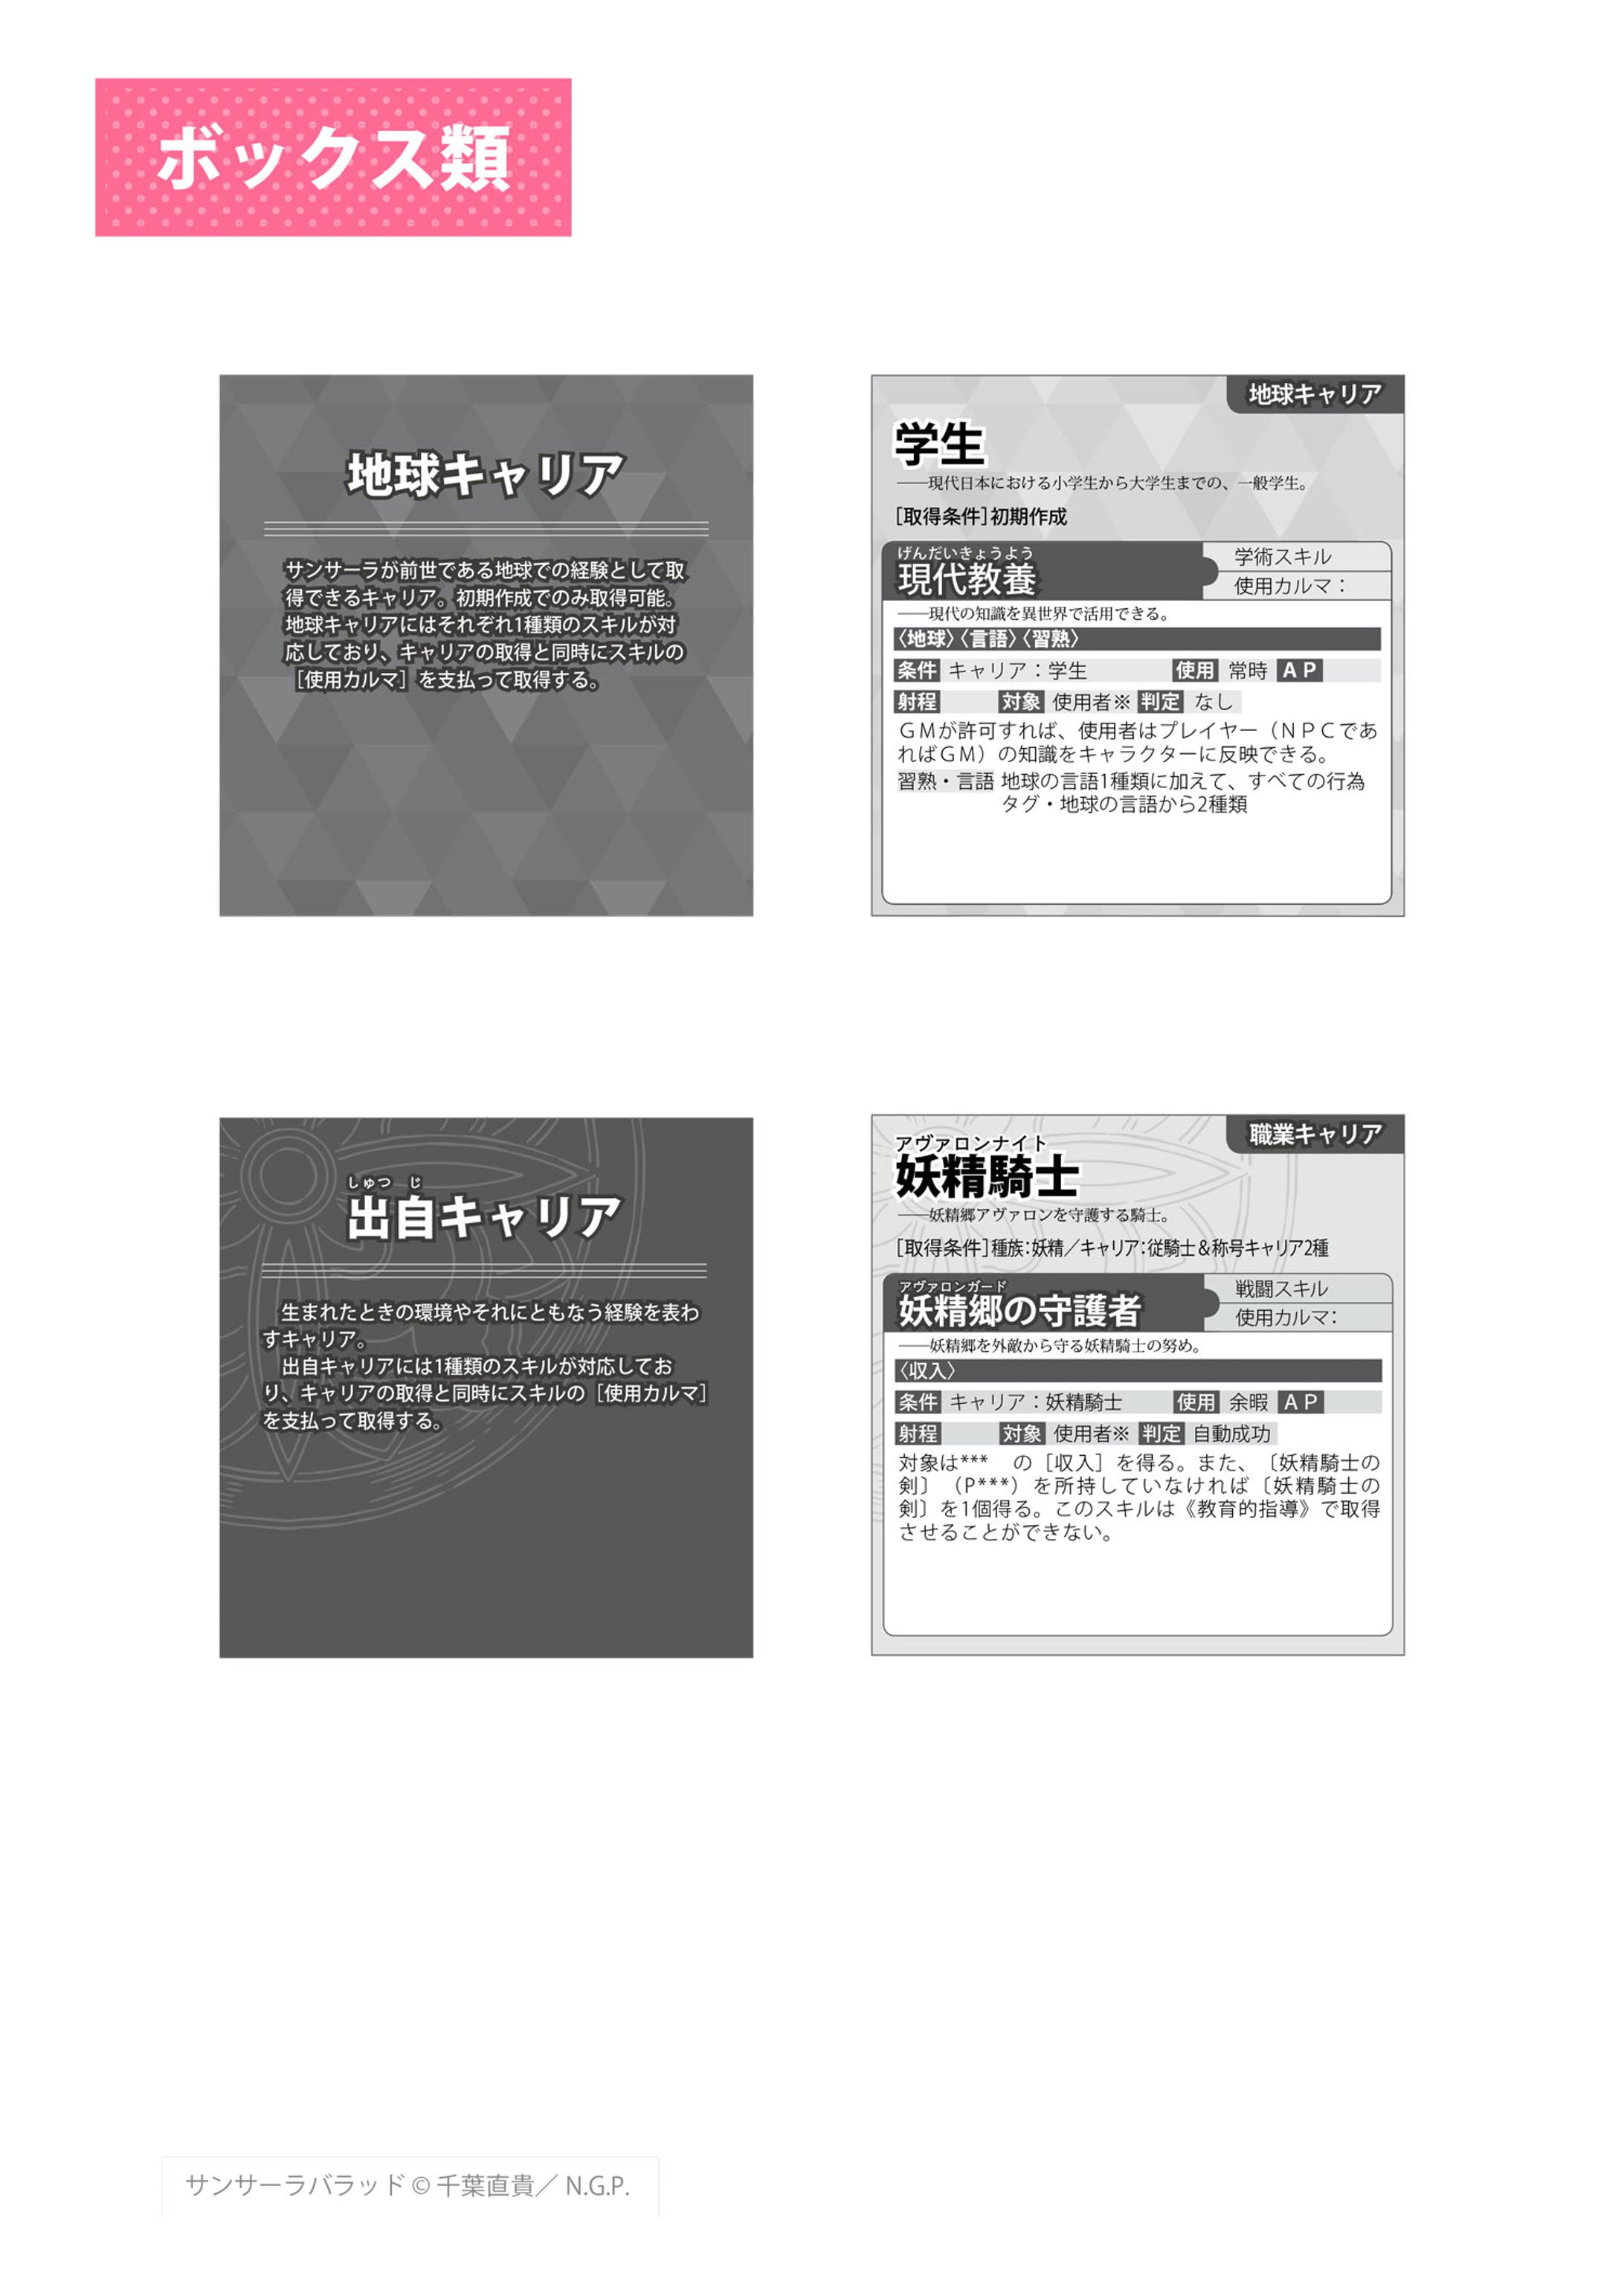 異世界転生RPG サンサーラ・バラッド - 誌面デザイン-7